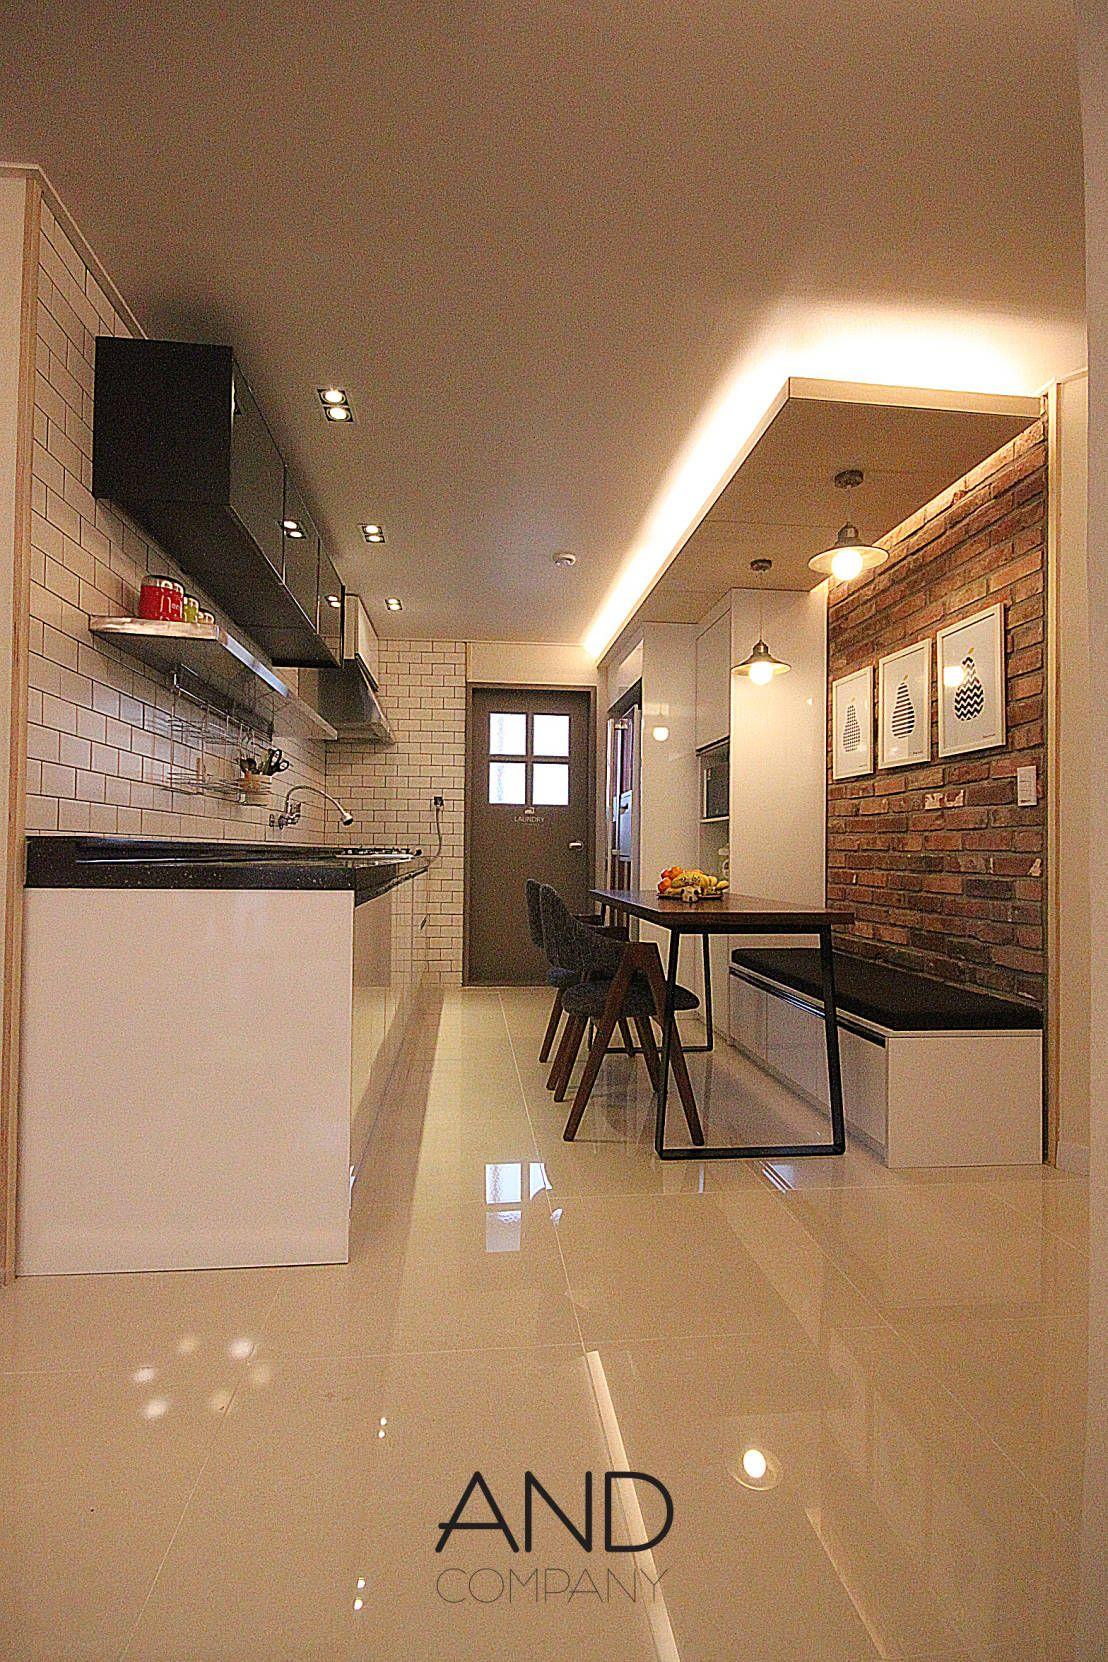 31평 아파트 리모델링: 공간 활용도를 높인 모던 인테리어  부엌 ...